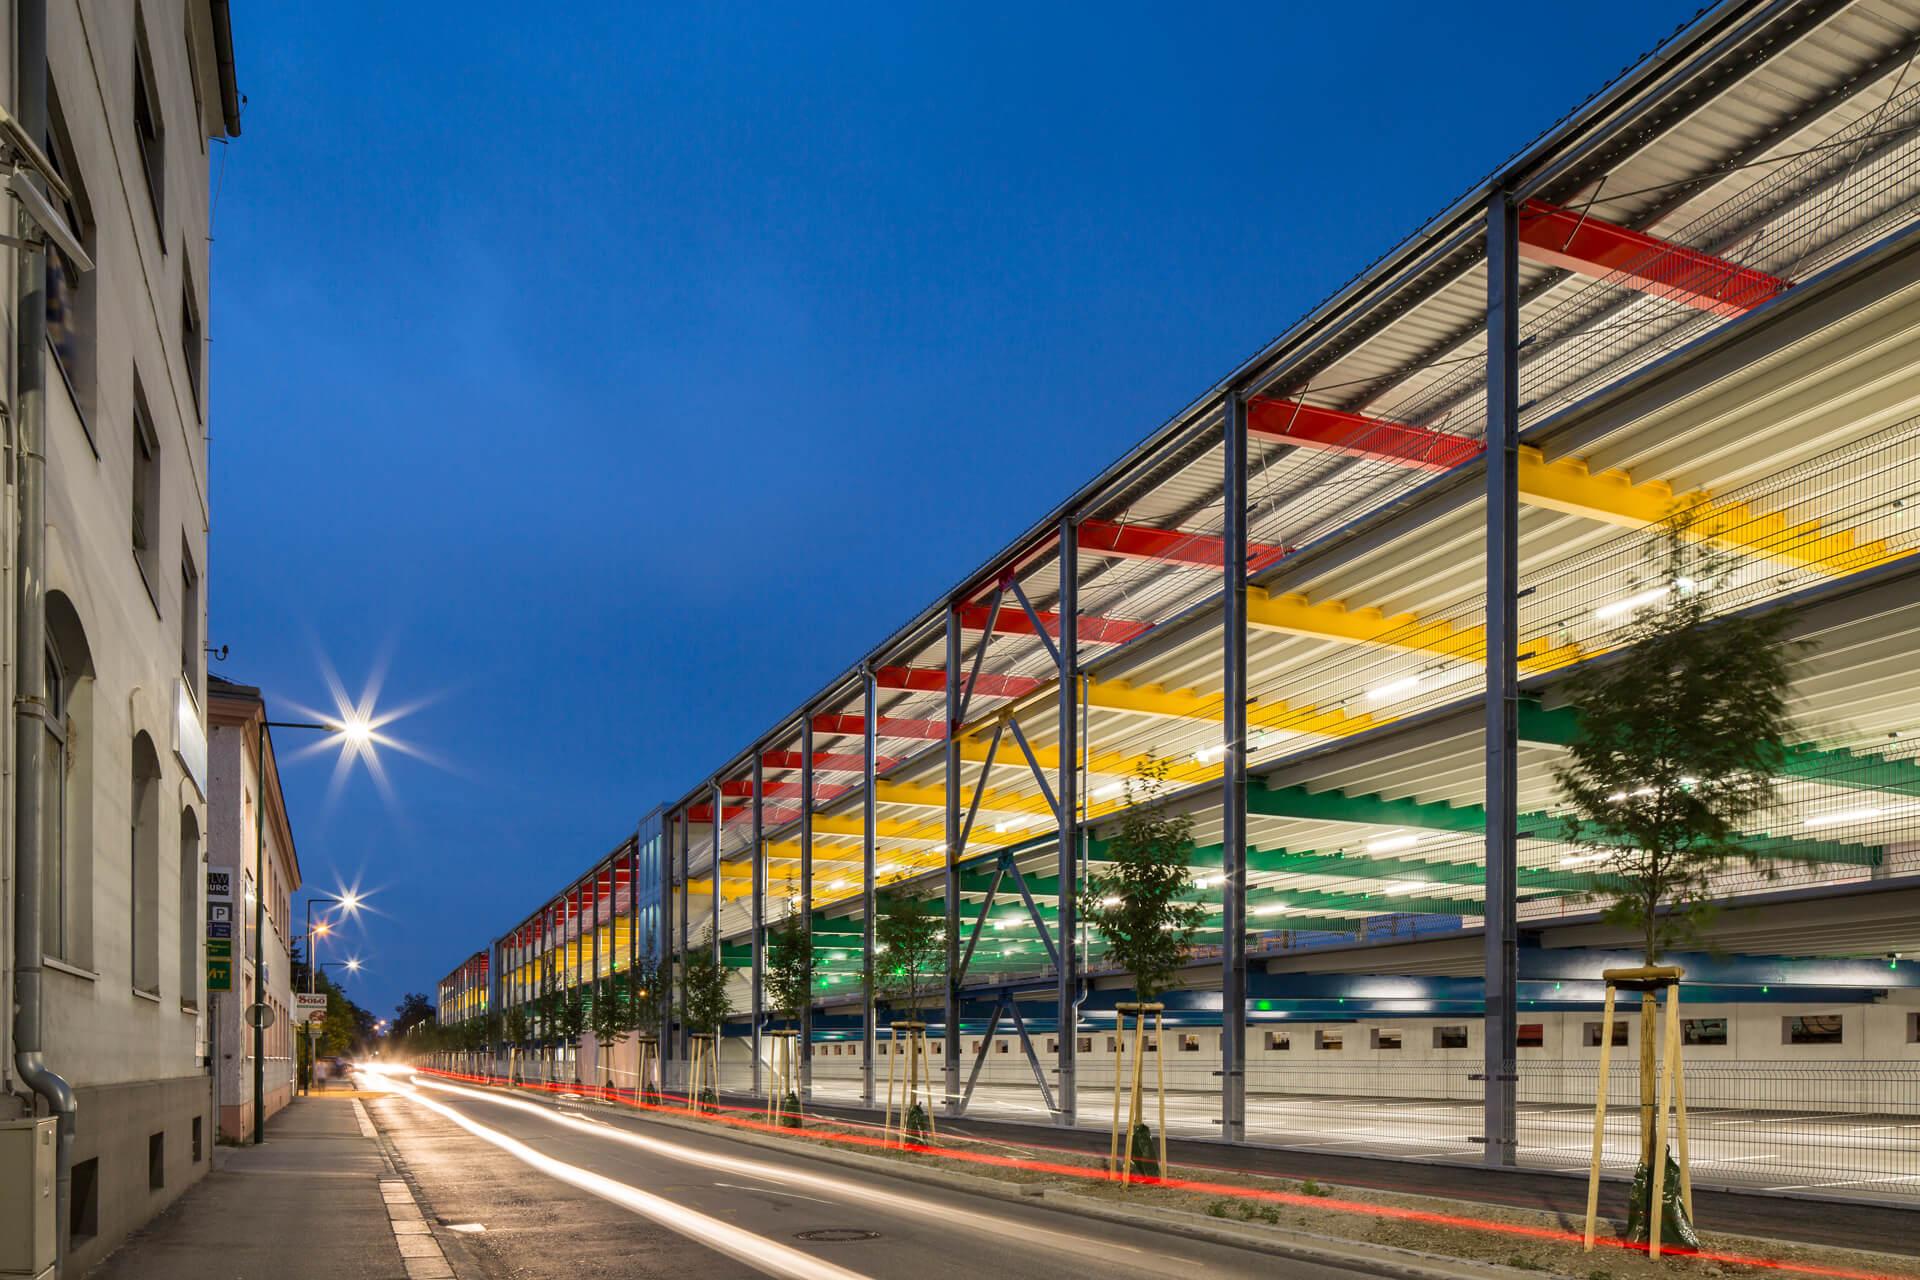 ÖBB_Parkdeck_Wels_Architekturfotograf_Josef_Fischer_Z4A7436.jpg